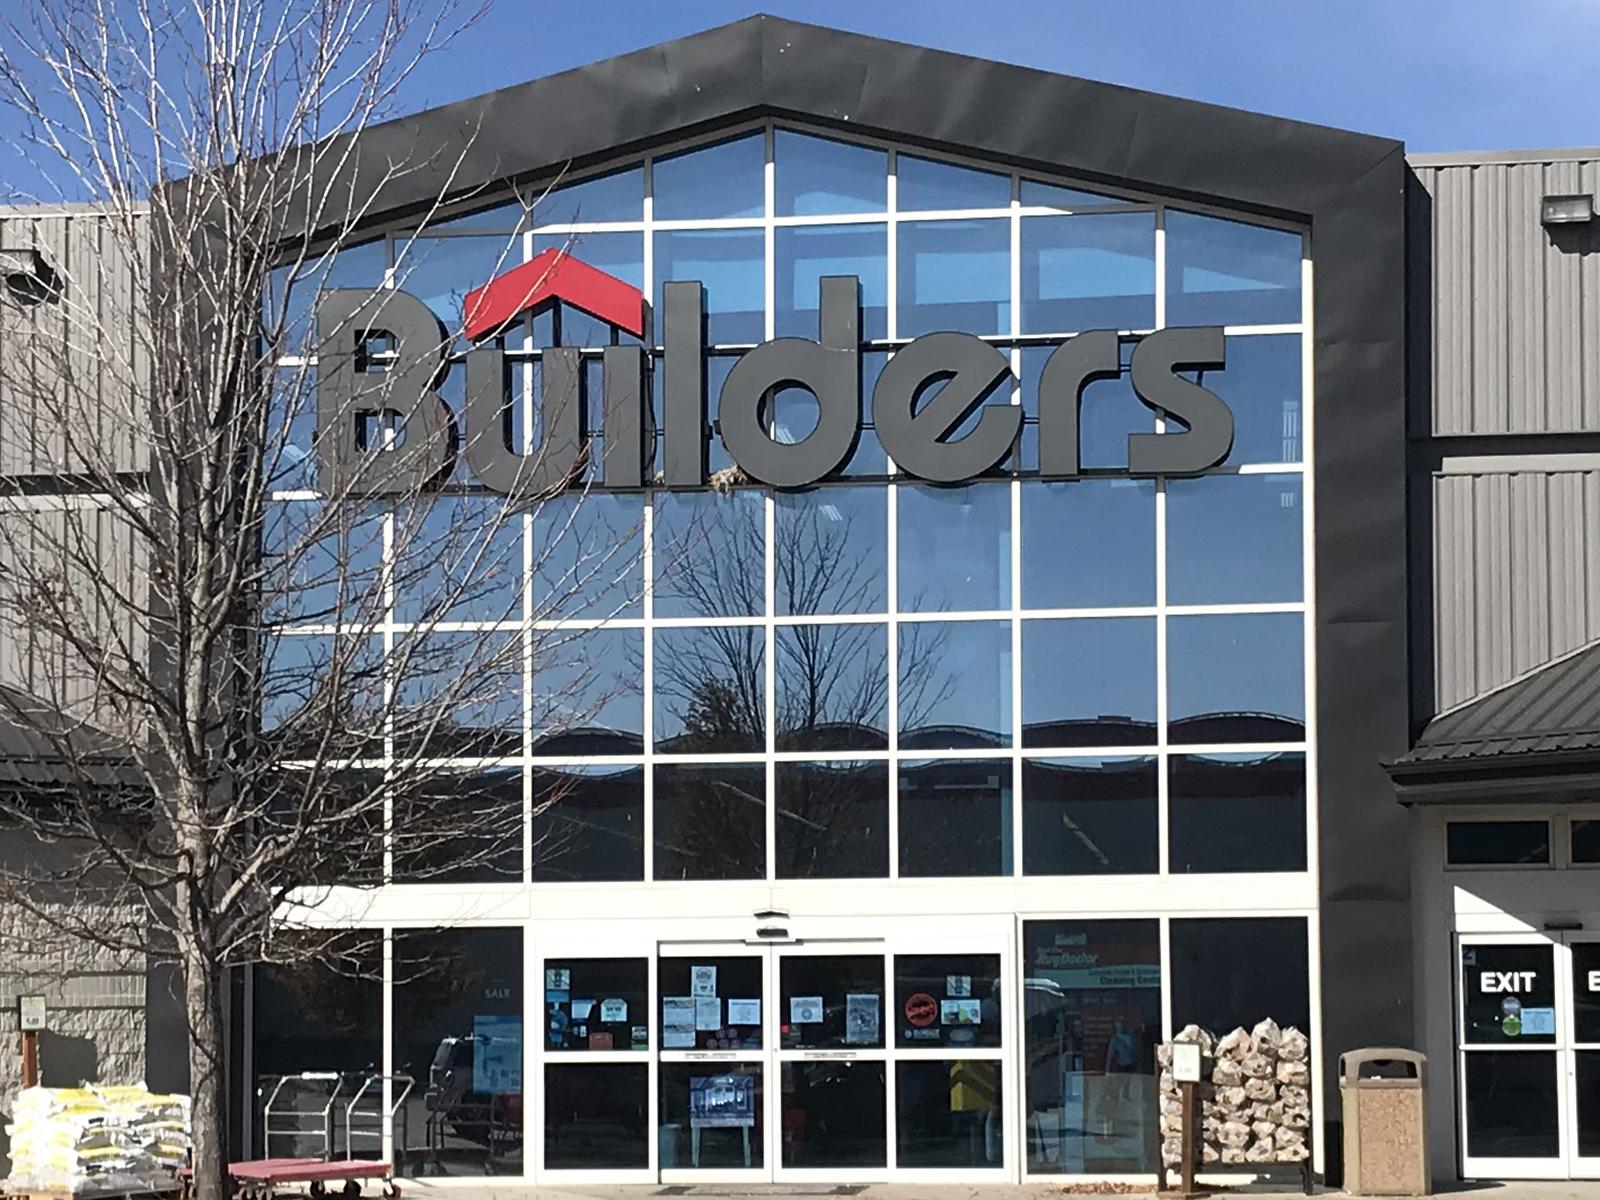 Builders Warehouse - 4600 2nd Ave Kearney, NE 68847